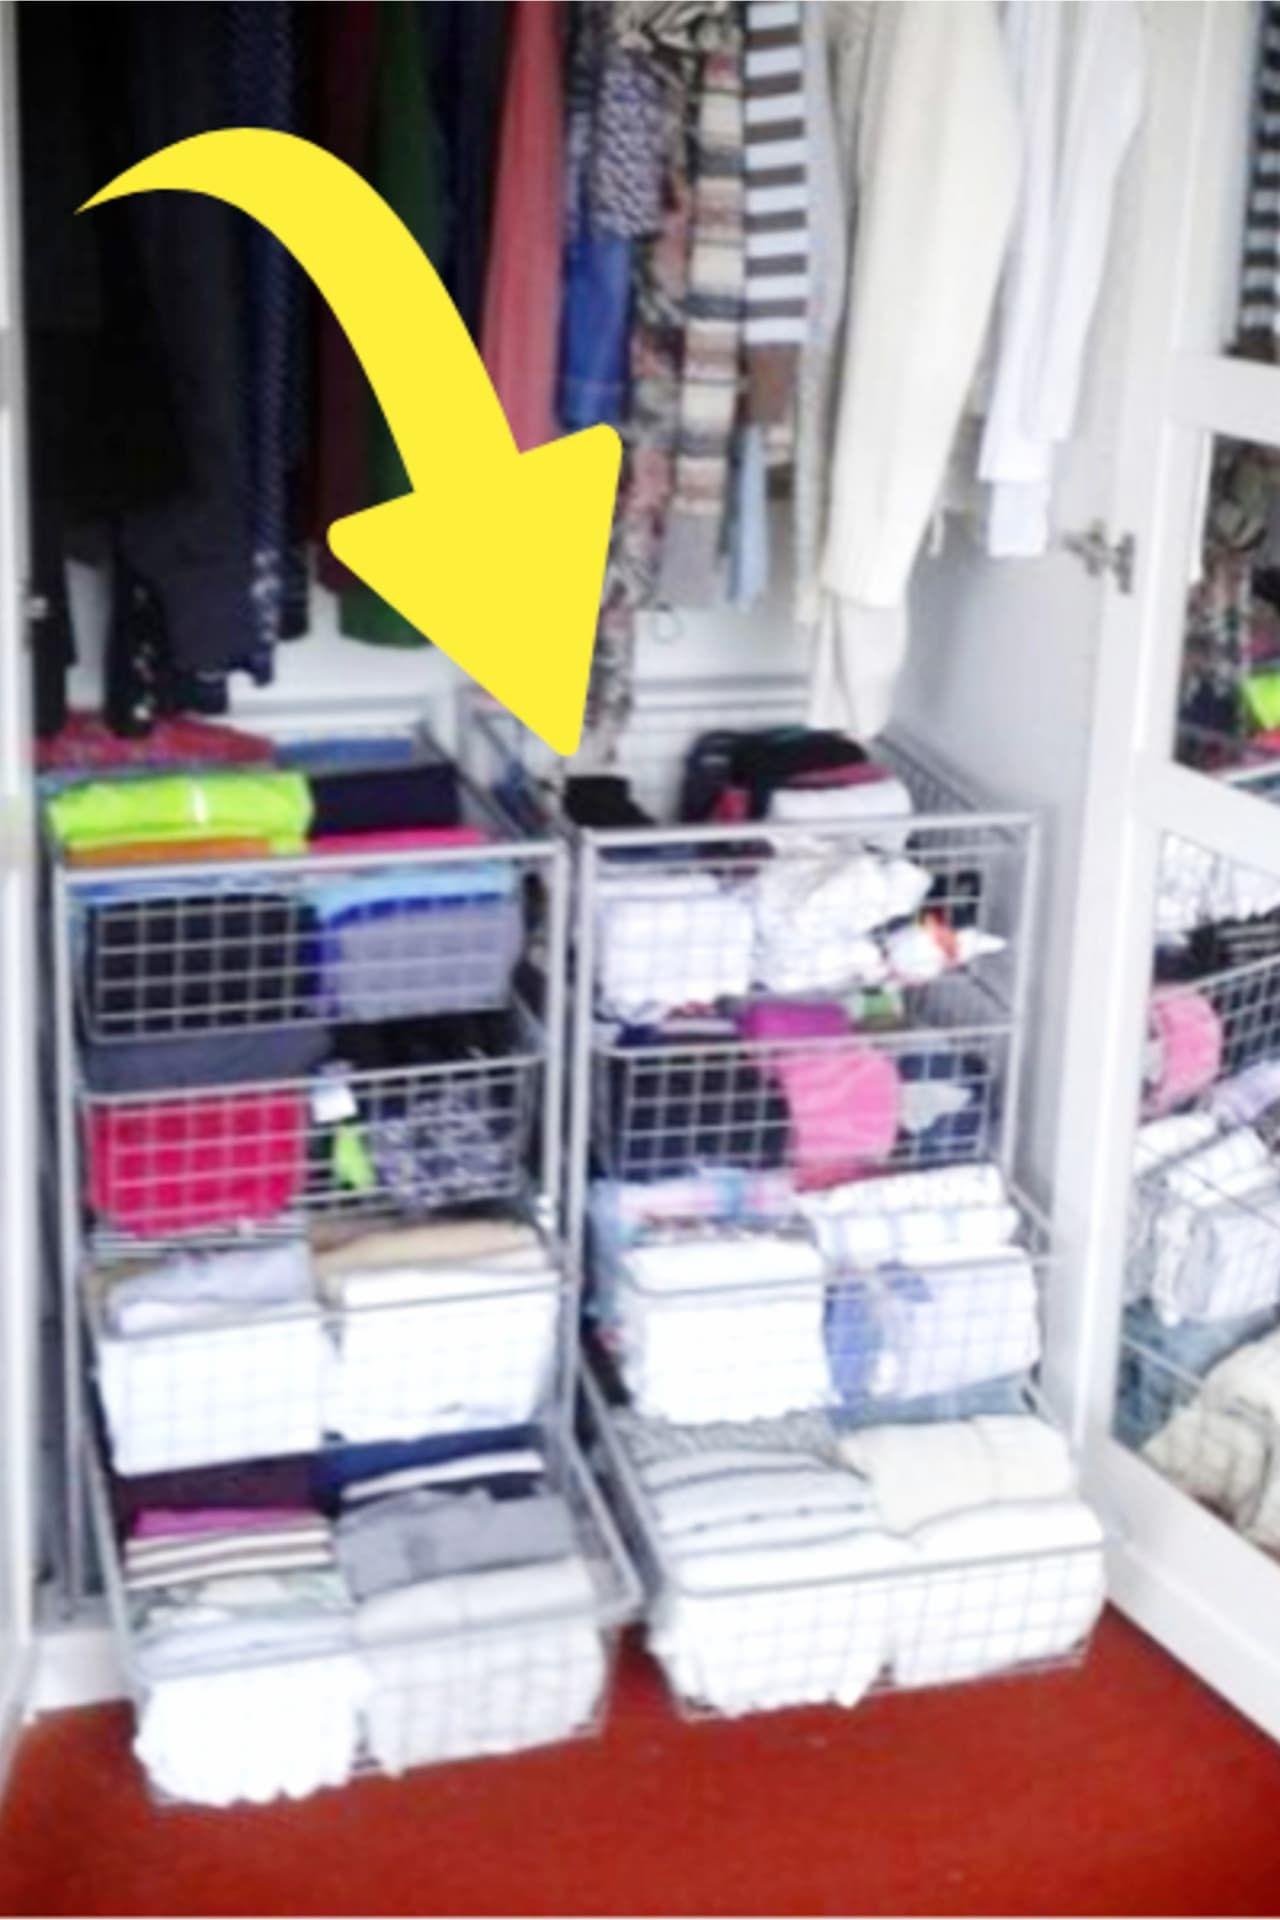 Dorm Room Closet Organization Ideas 35 Space Saving Dorm Closet